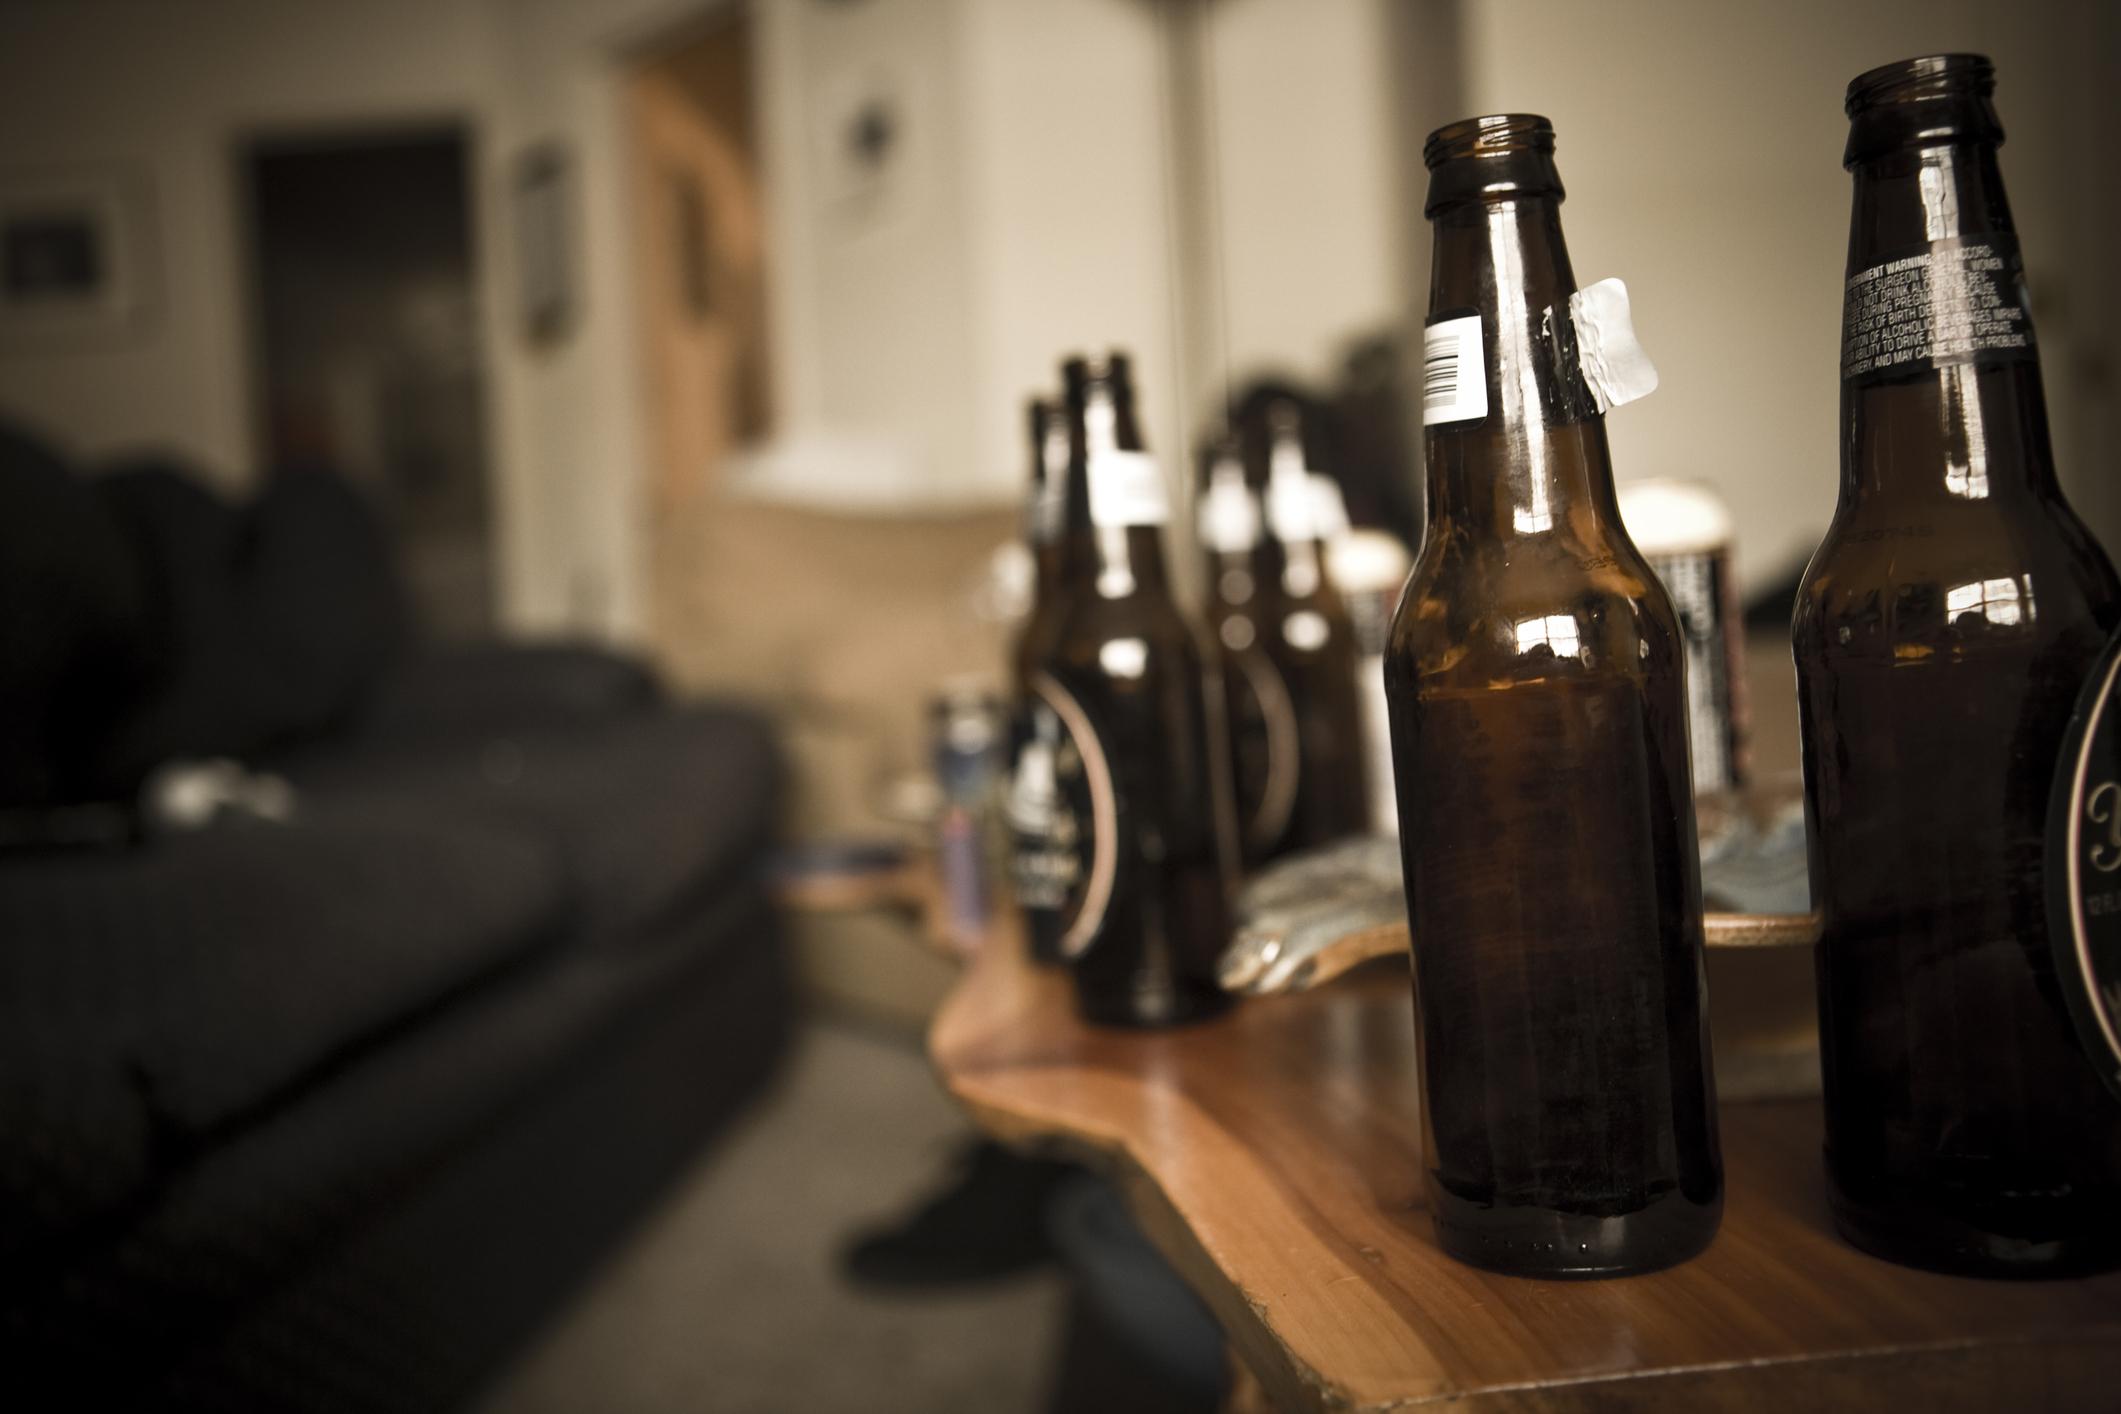 Alcohol beer bottles